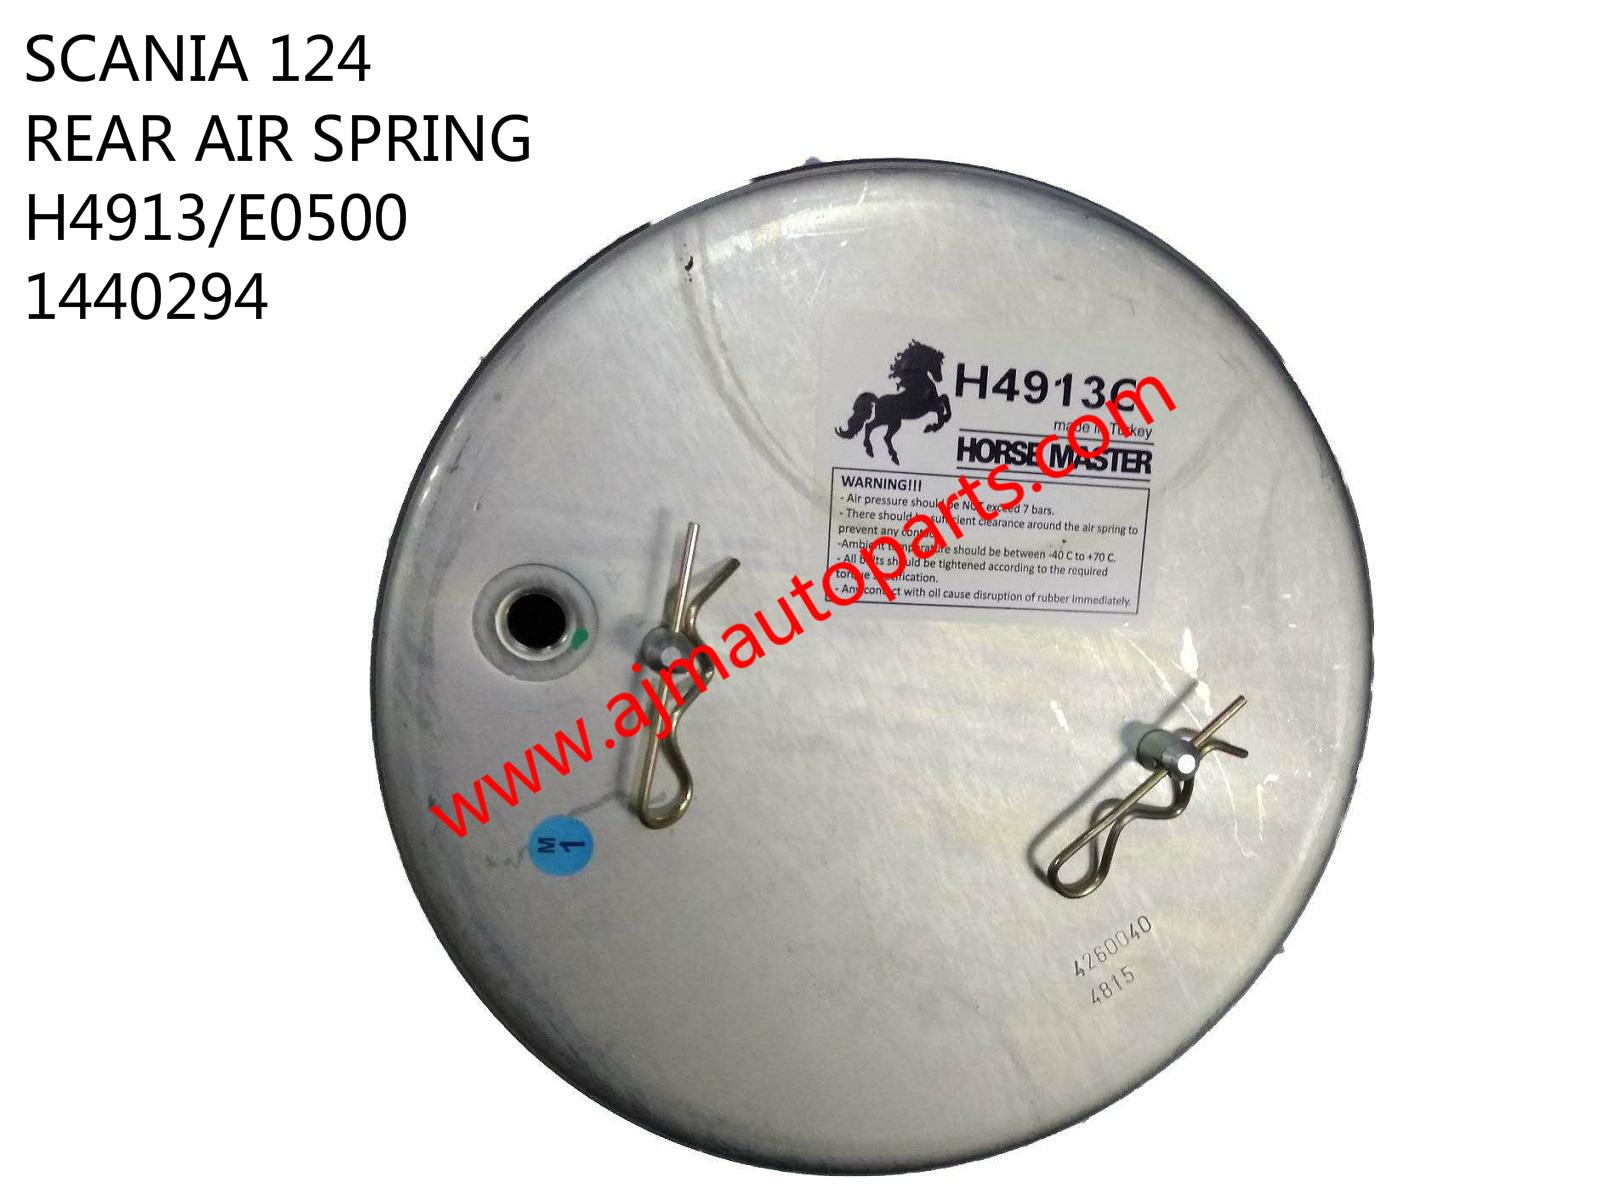 SCANIA 124 REAR AIR SPRING-H4913 1440294